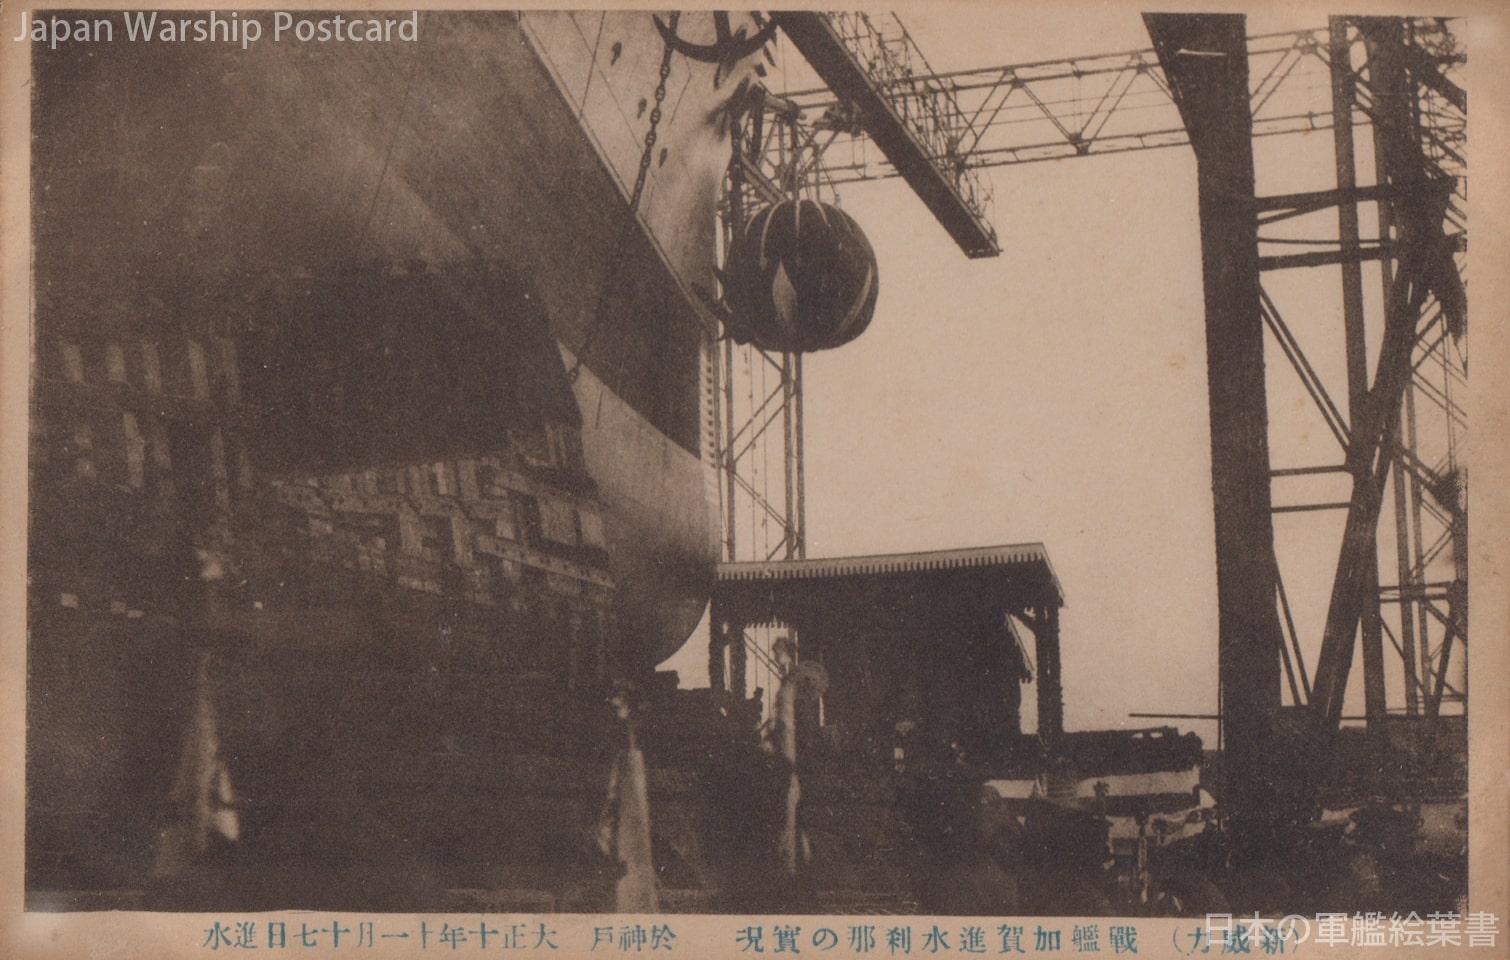 (新威力)戦艦加賀進水刹那の実況 於神戸 大正十年十一月十七日進水